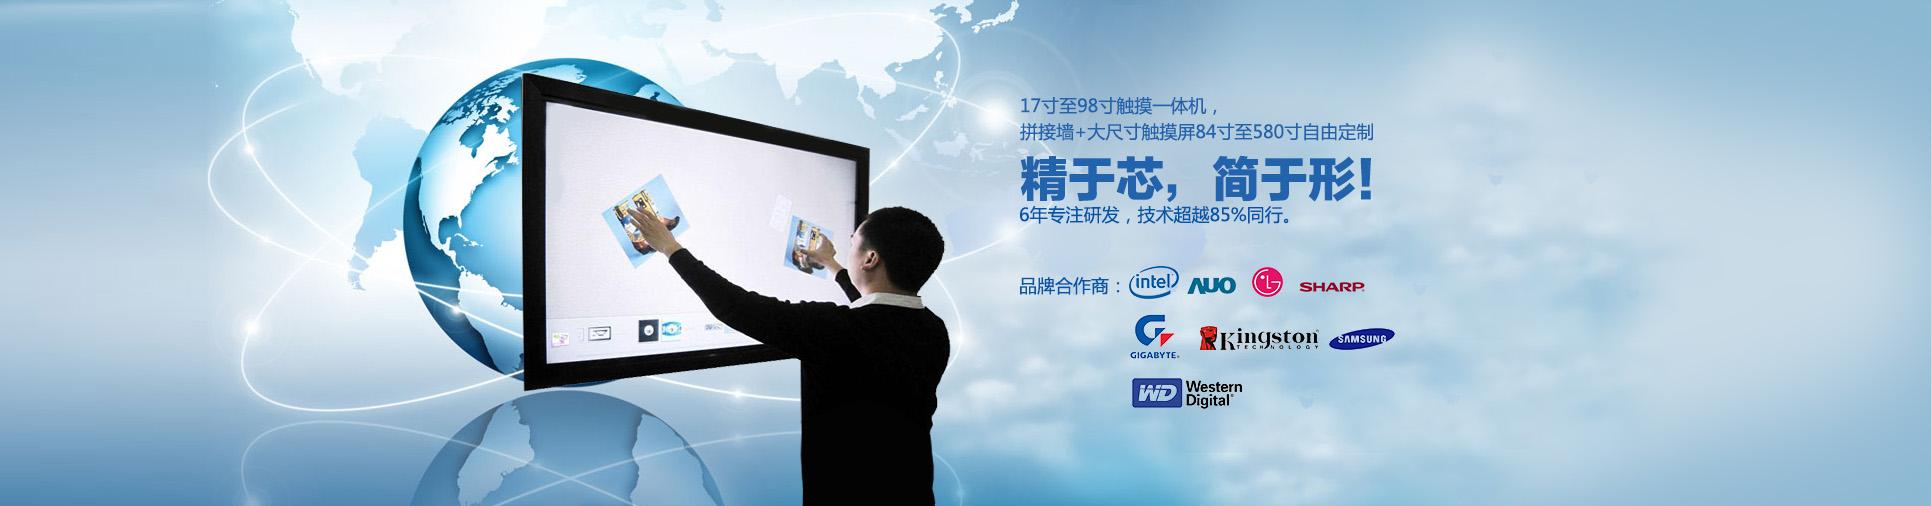 隨機配件:安裝電子白板軟件